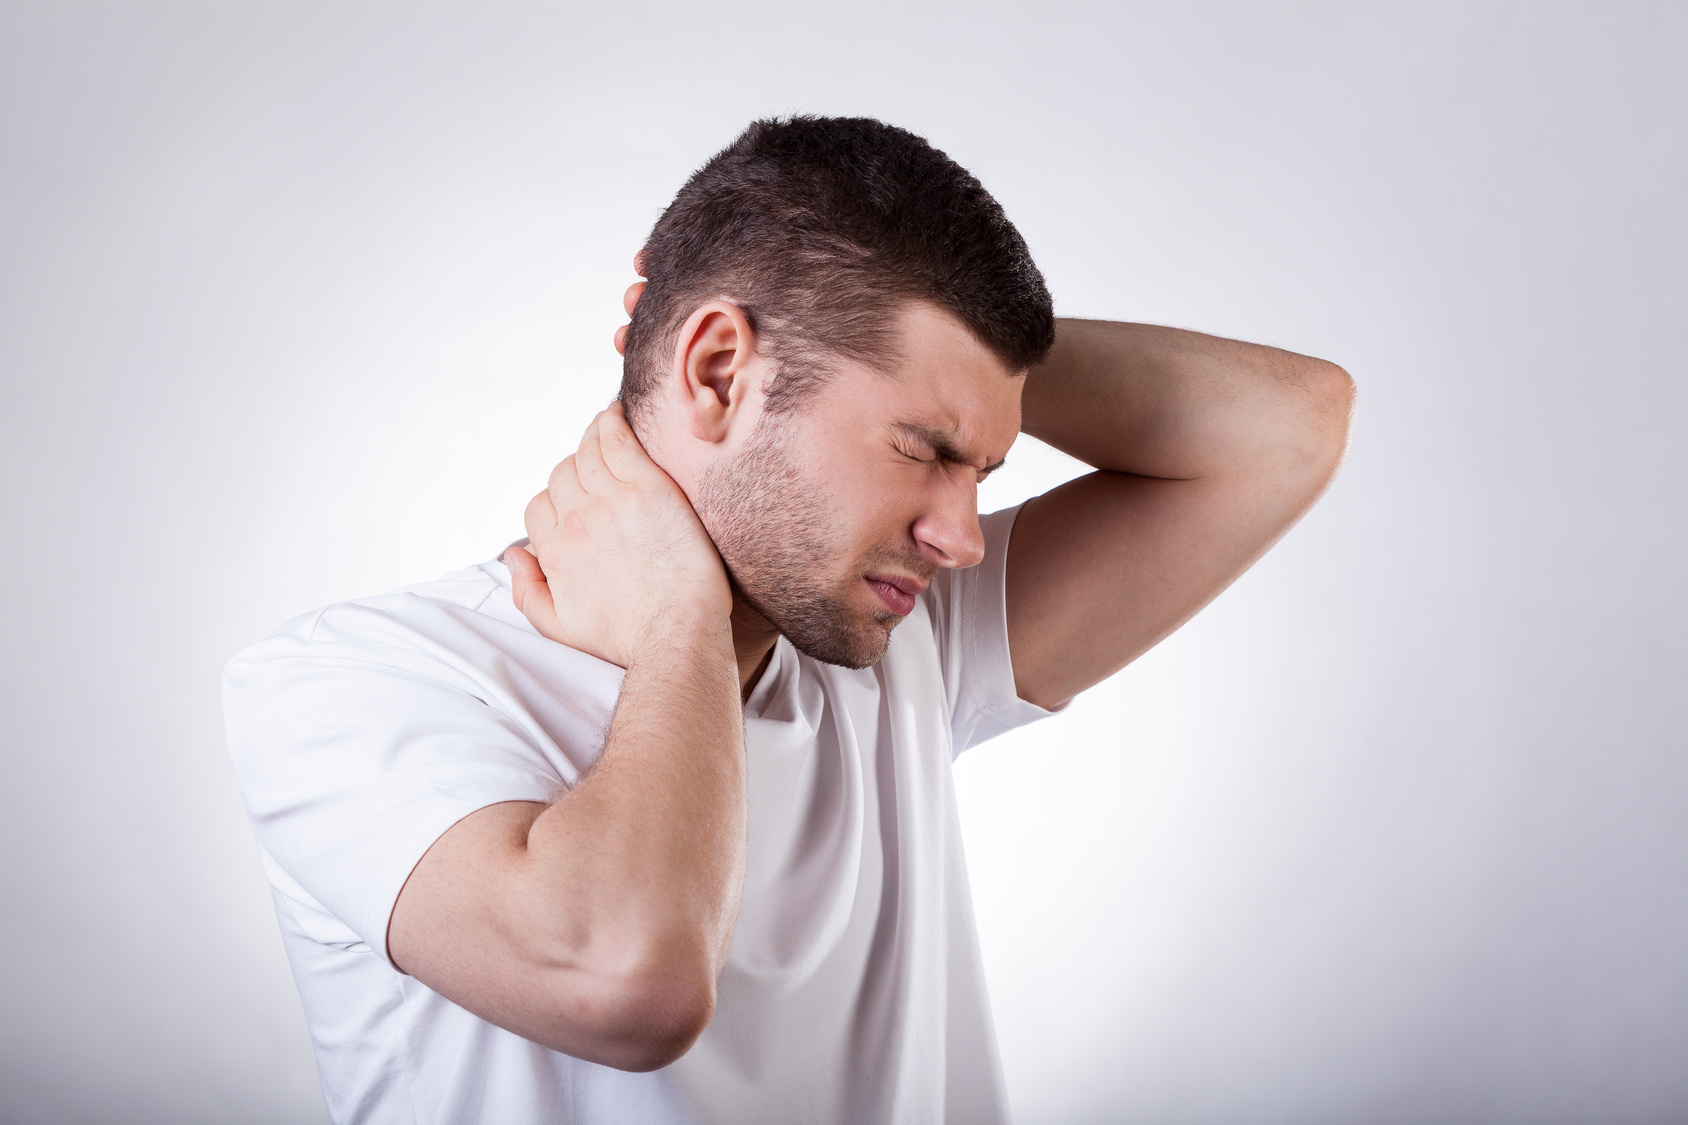 Сильная боль в шее отдающая в голову